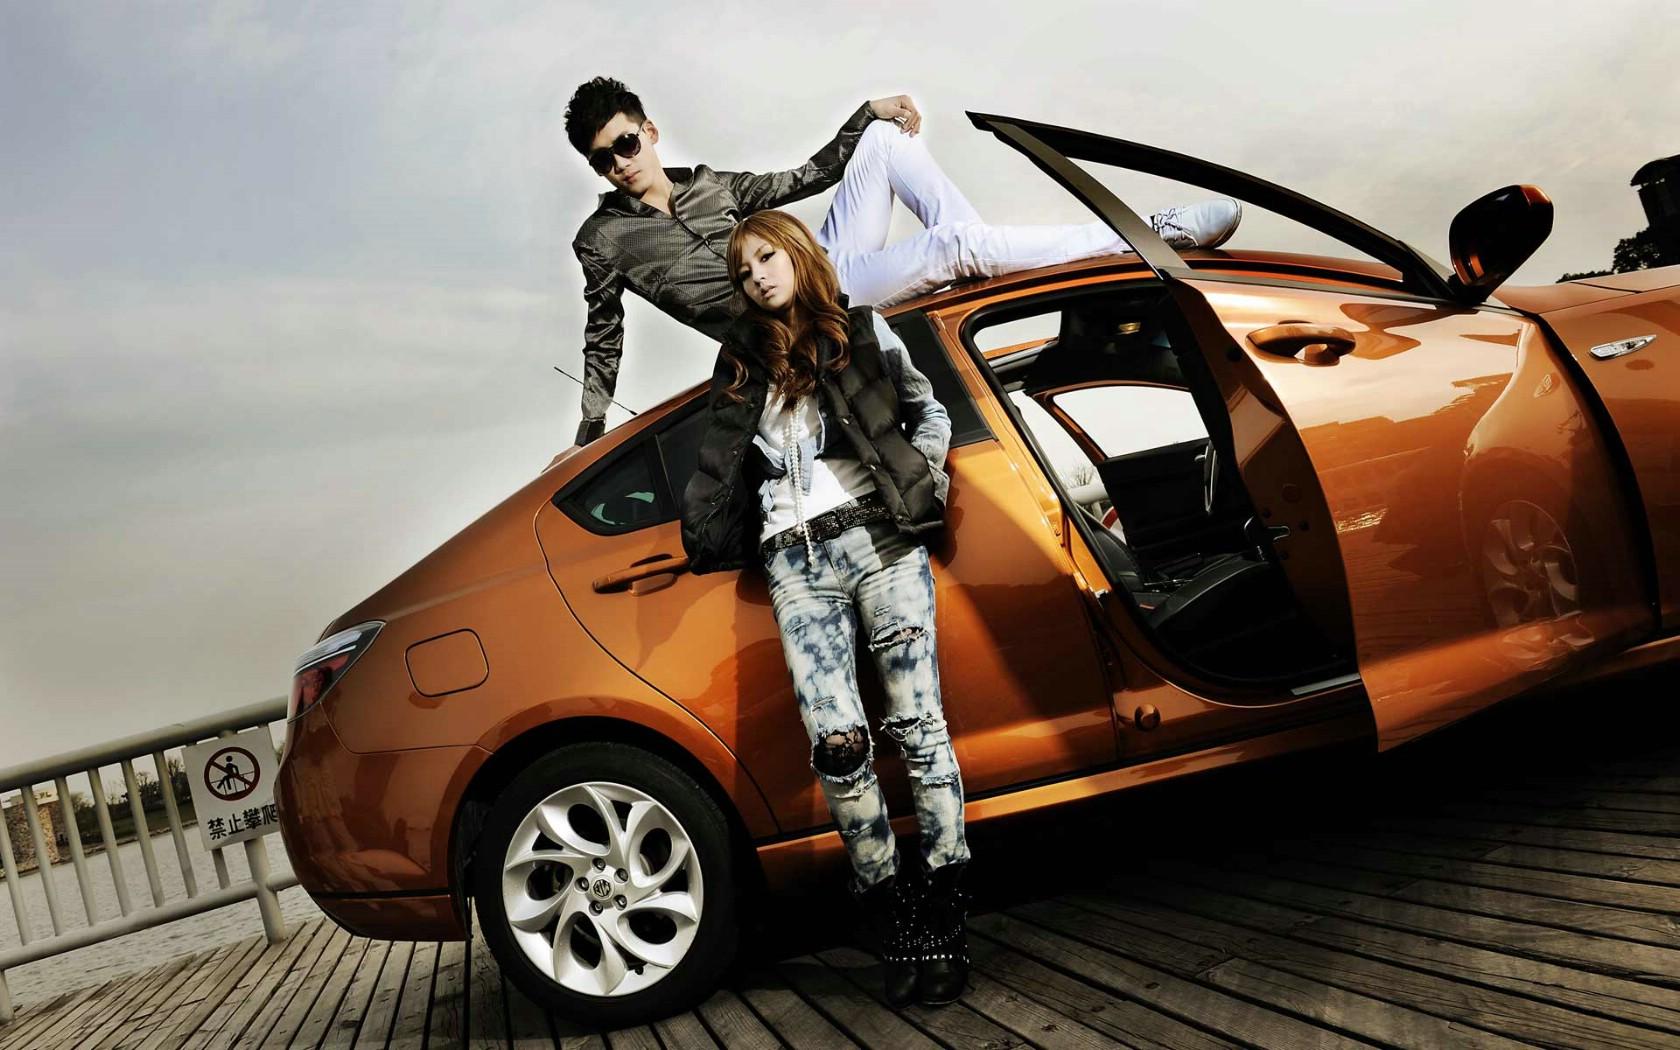 壁纸16壁纸 名爵mg6美女模特壁纸图片汽车壁纸汽车